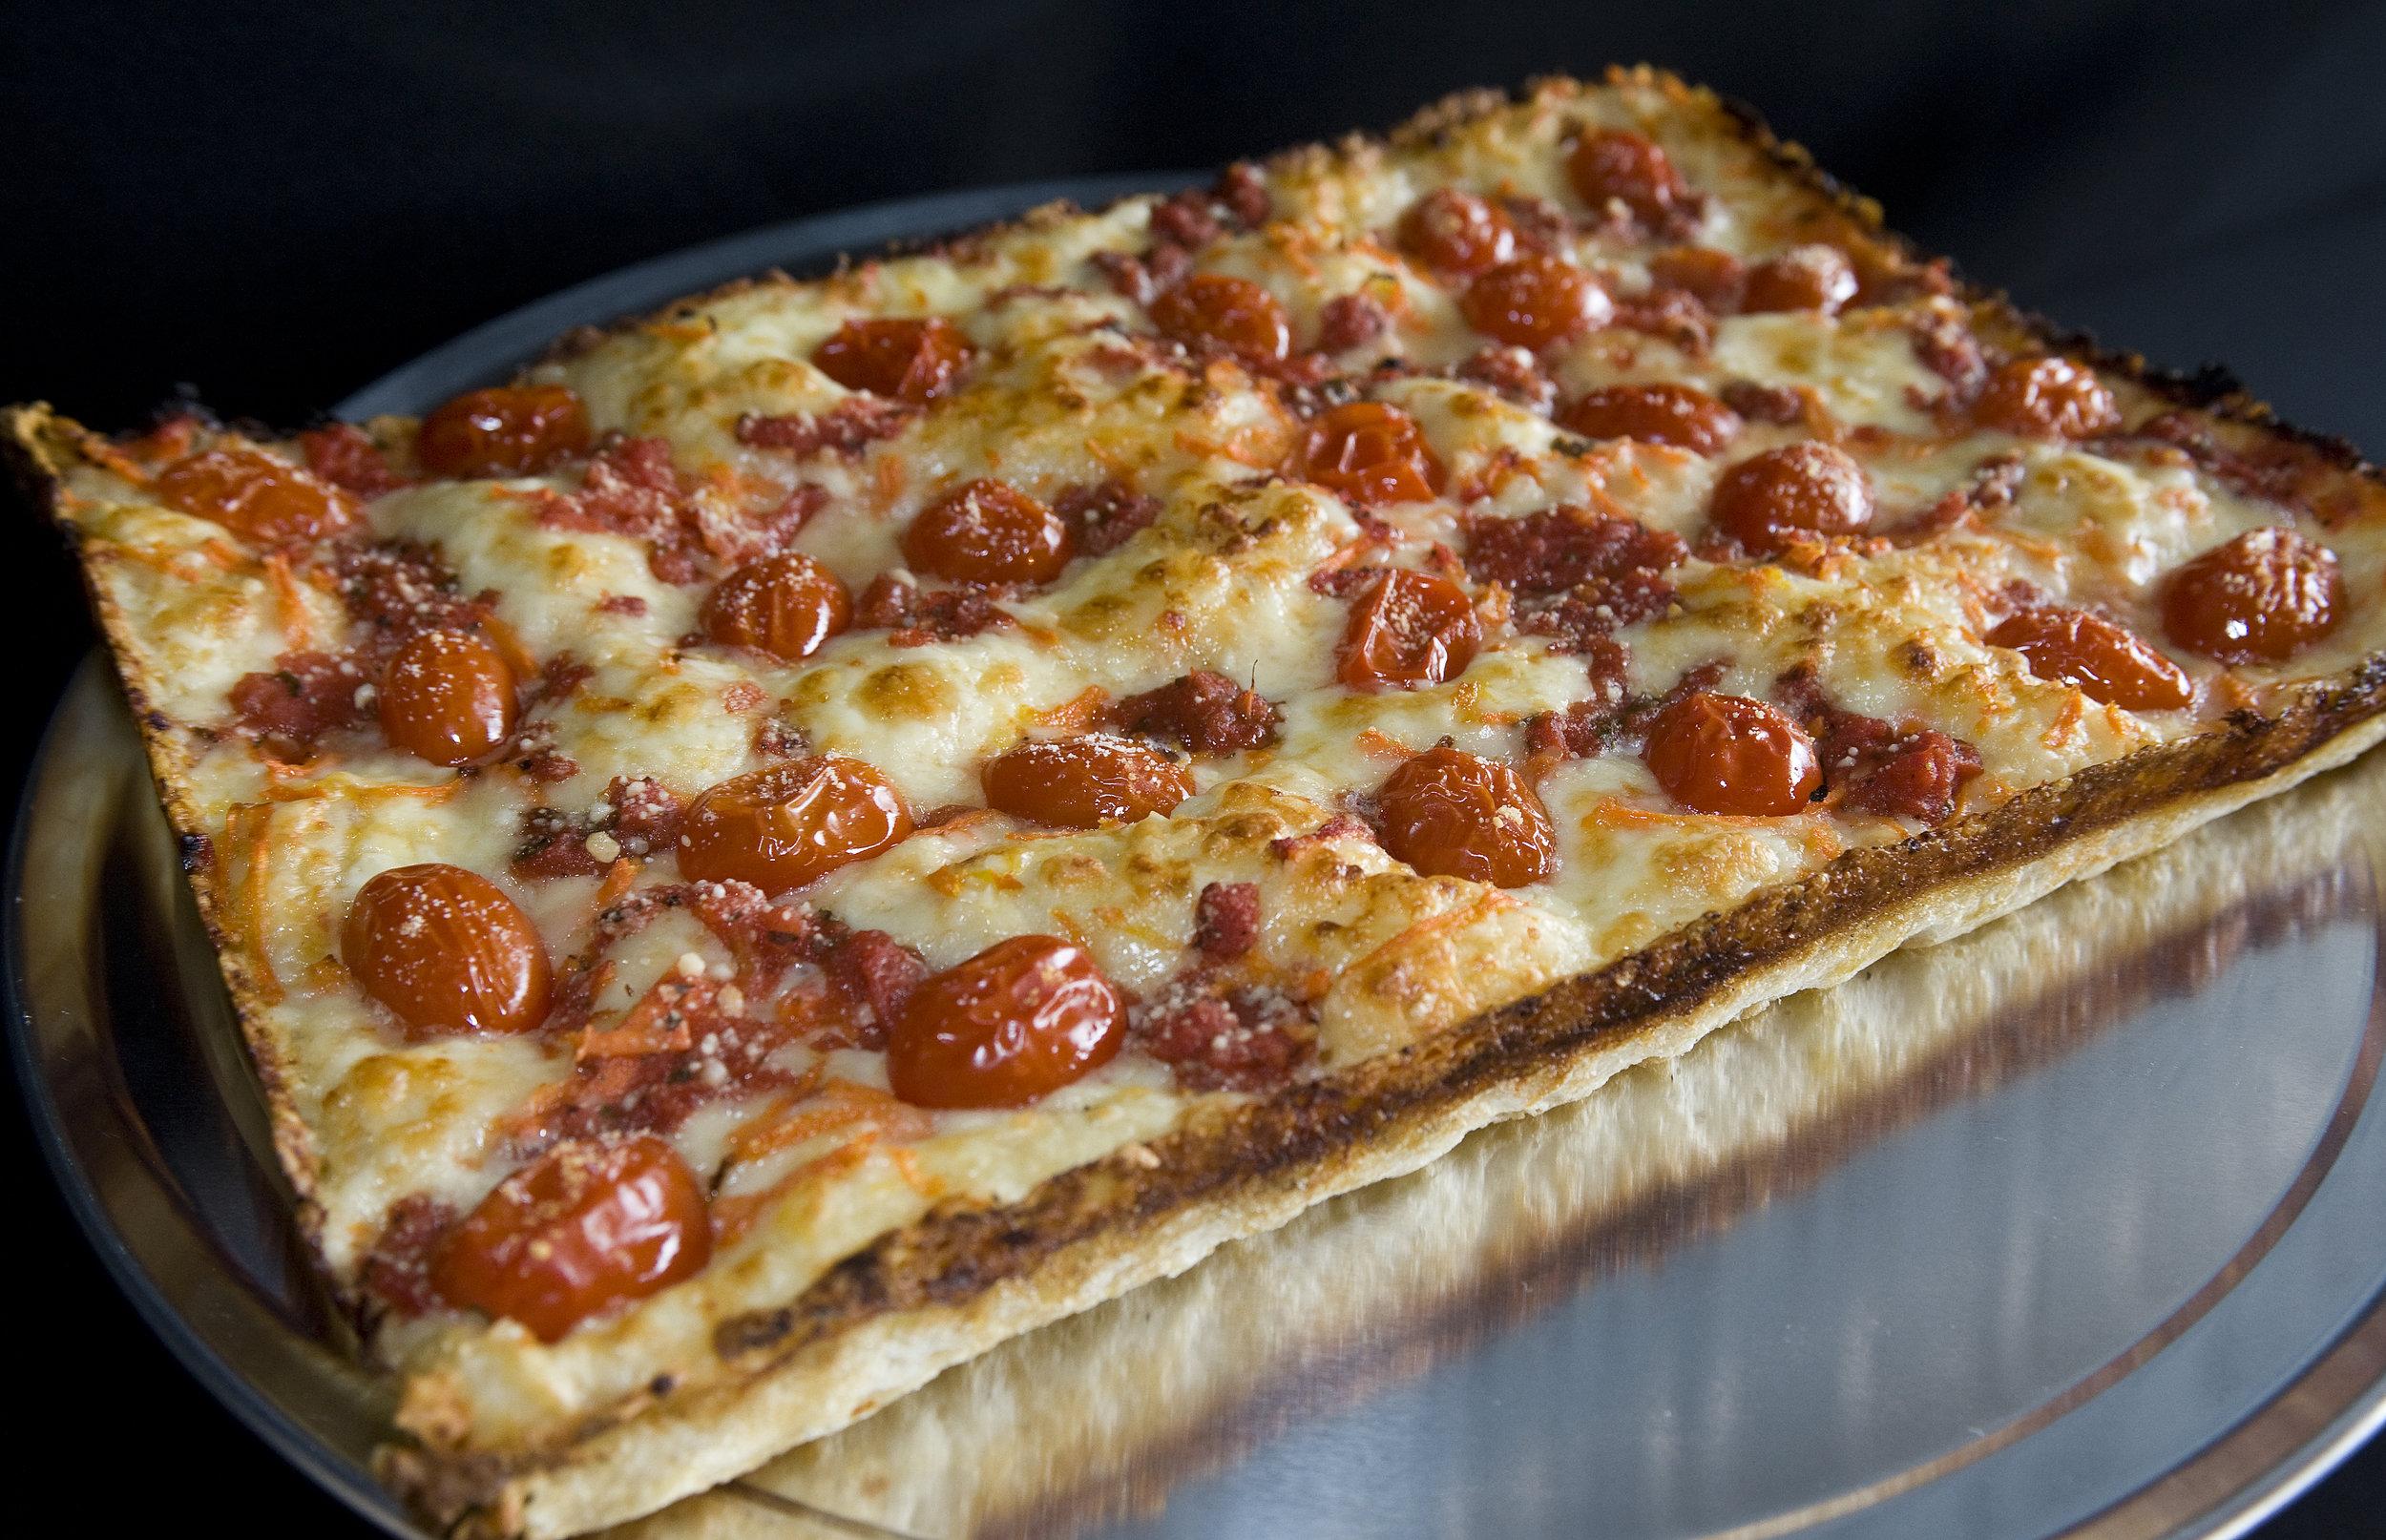 Parade Company Pizza